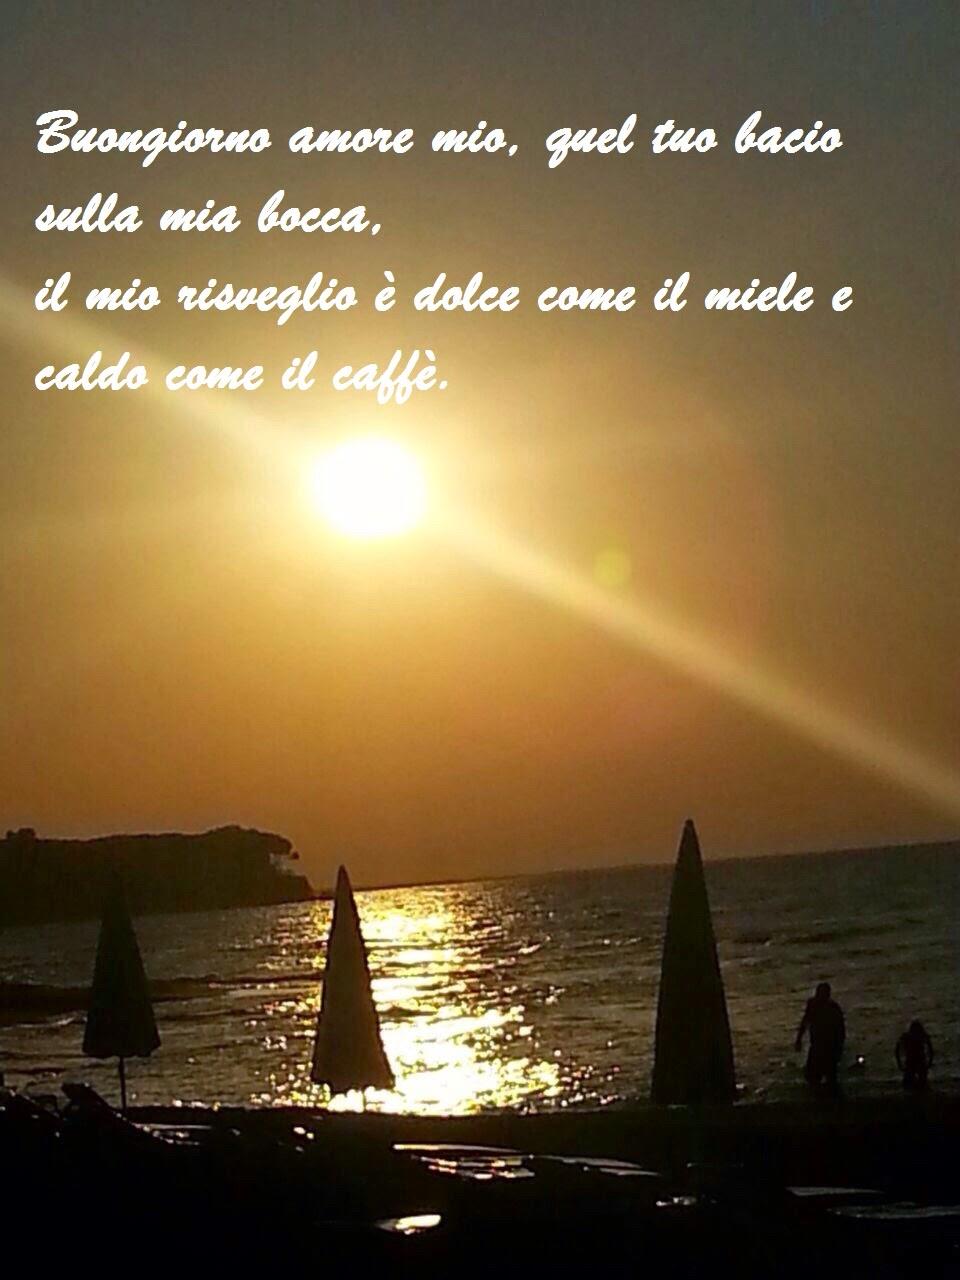 SMS BUONA NOTTE Libero Community - frasi dolci di buonanotte per lui